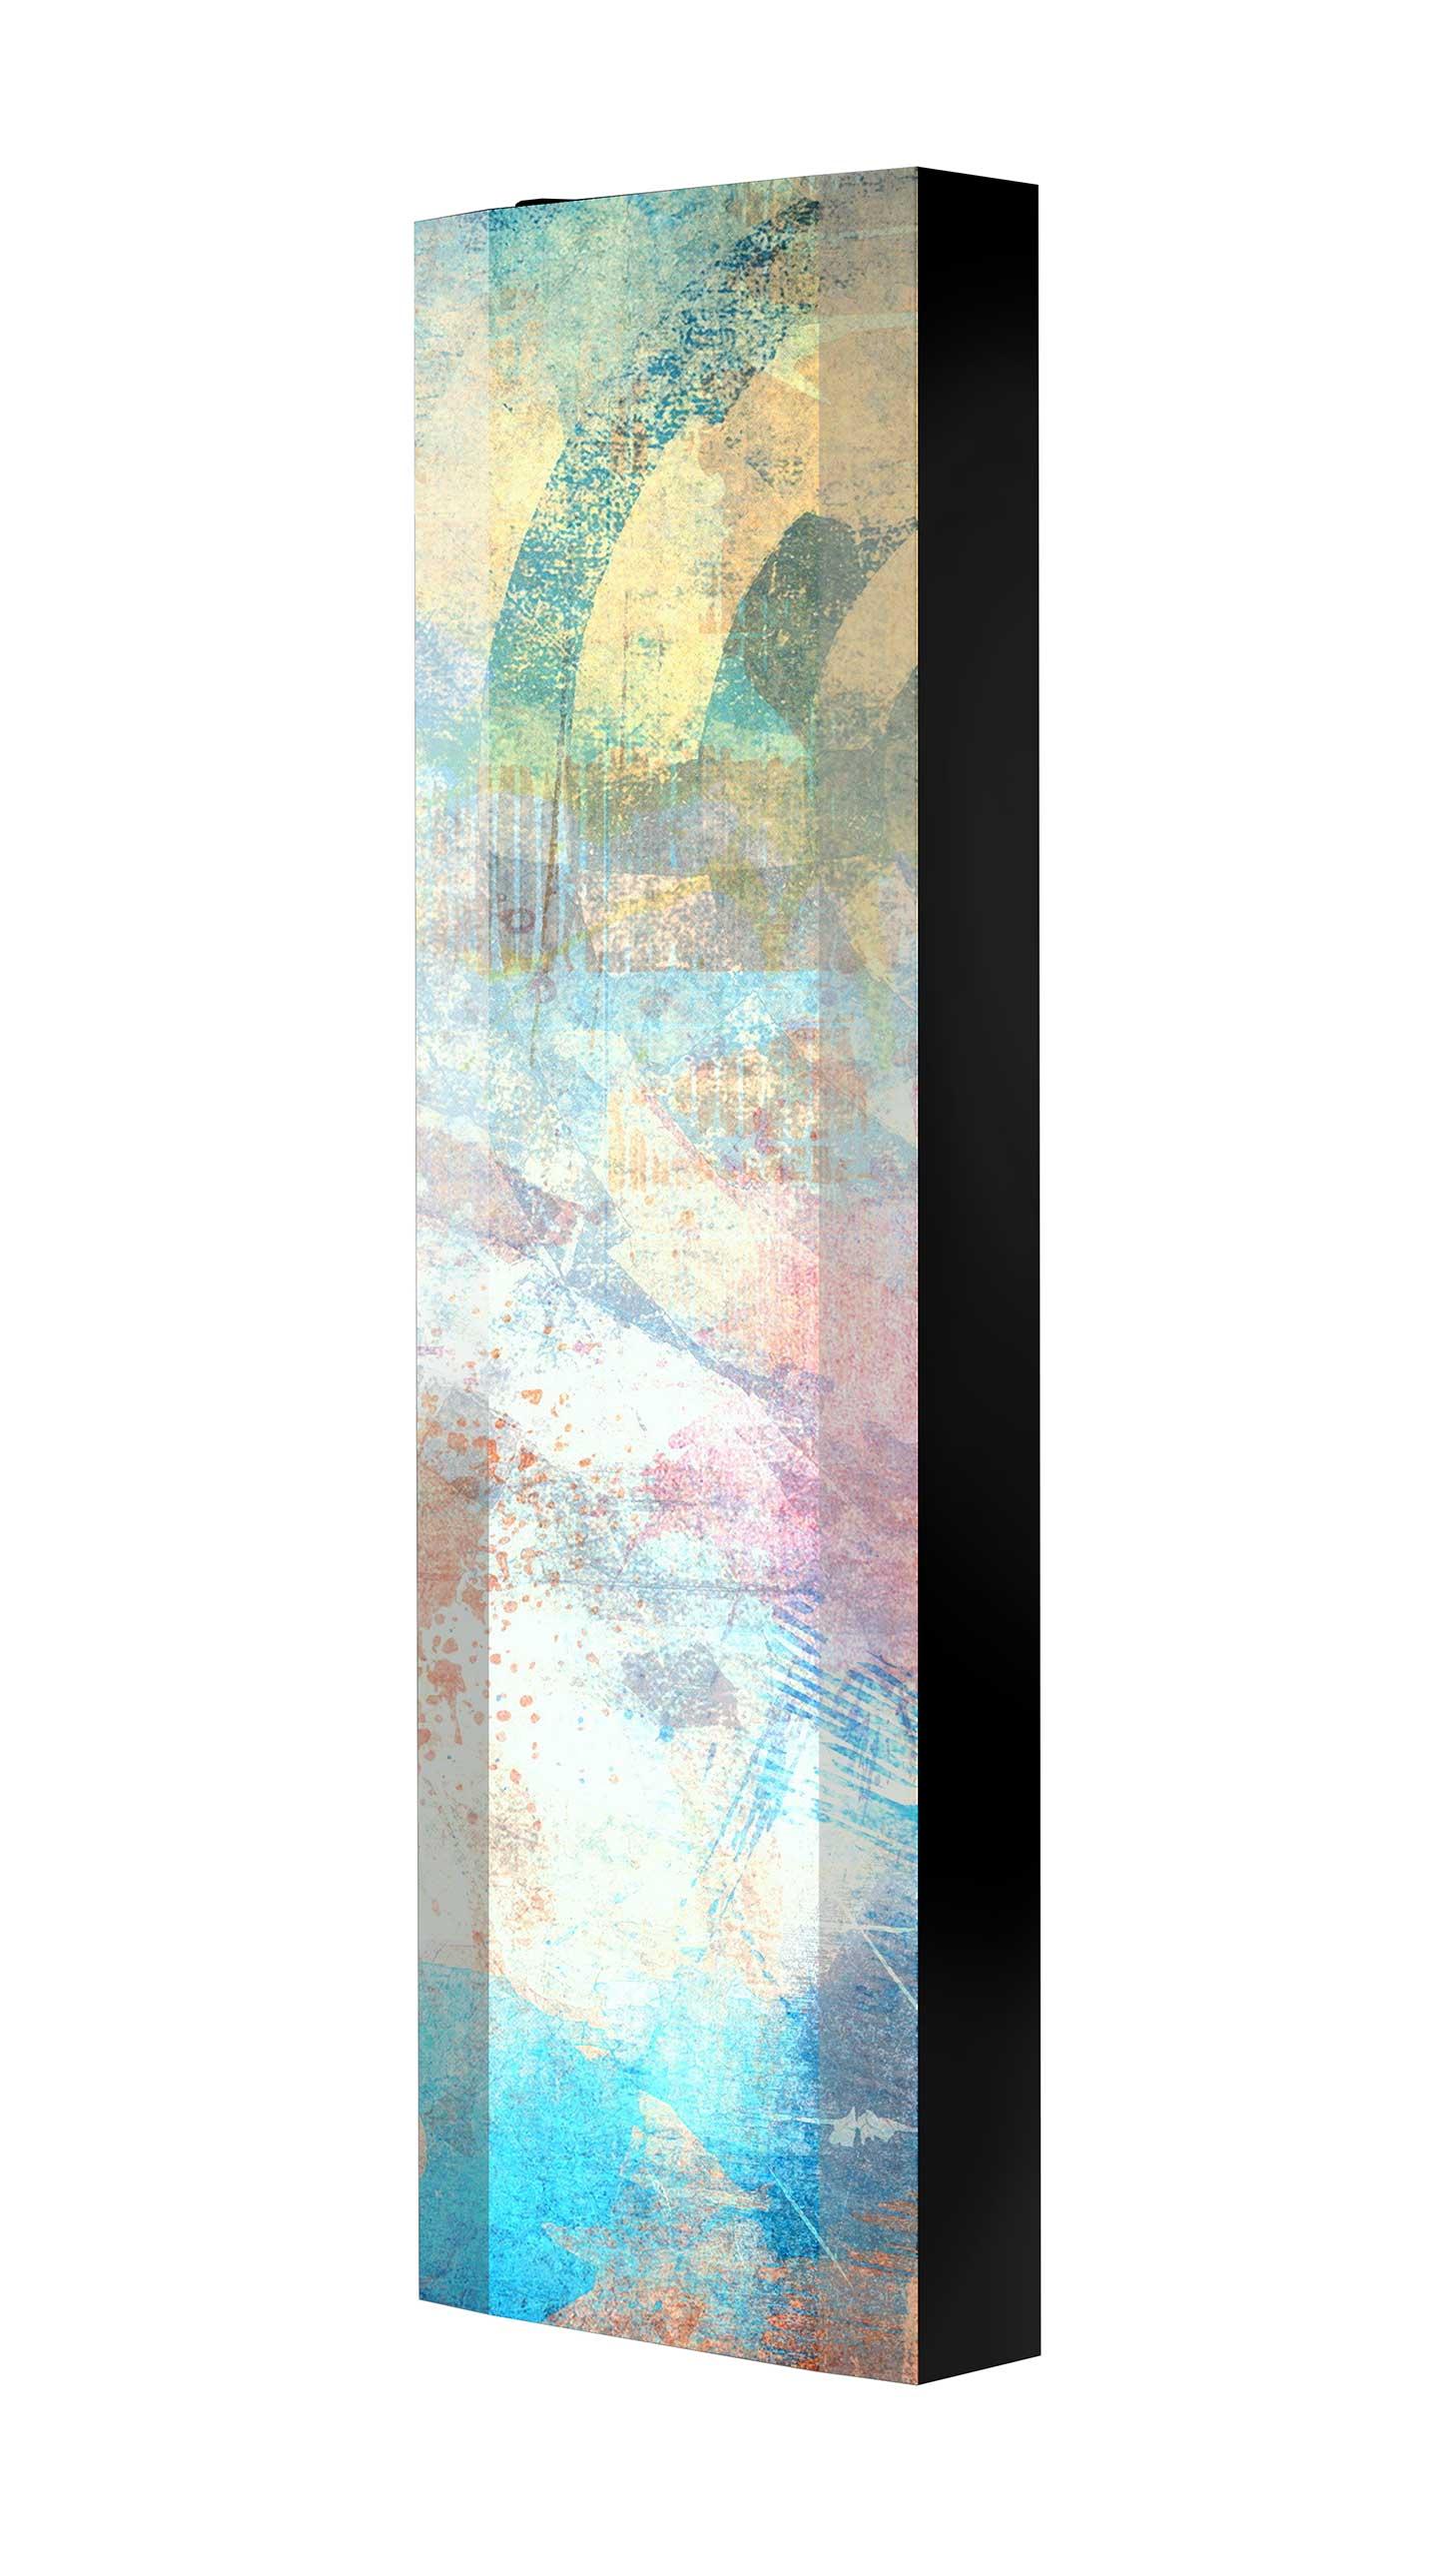 Schuhschrank FLASH 450 BLACK-EDITION Motivschrank schwarz drehbar M04 Abstrakt Kunst